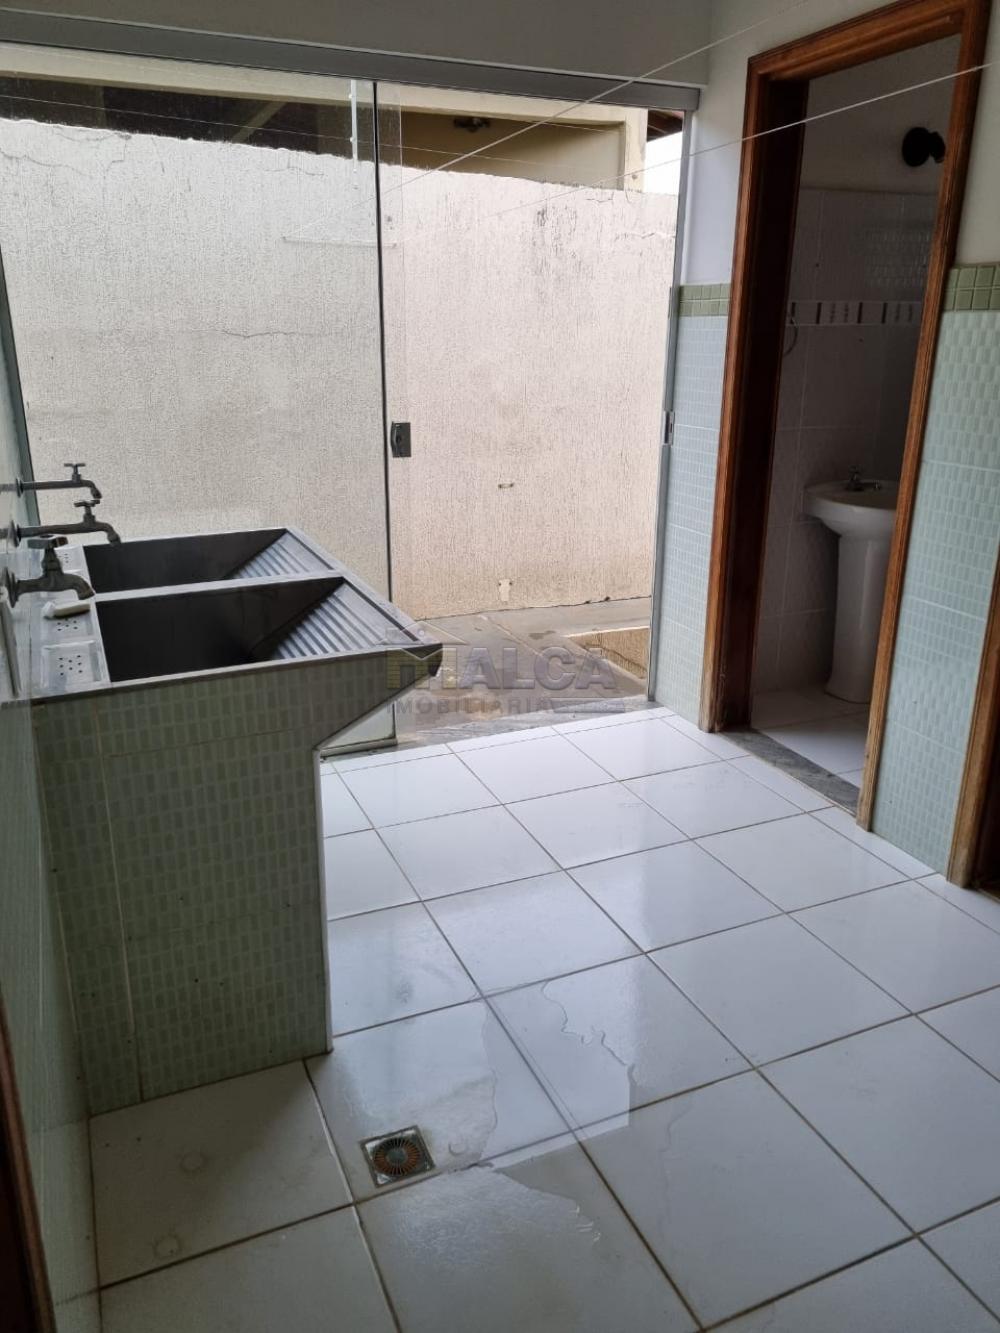 Alugar Casas / Padrão em São José do Rio Pardo R$ 2.950,00 - Foto 32